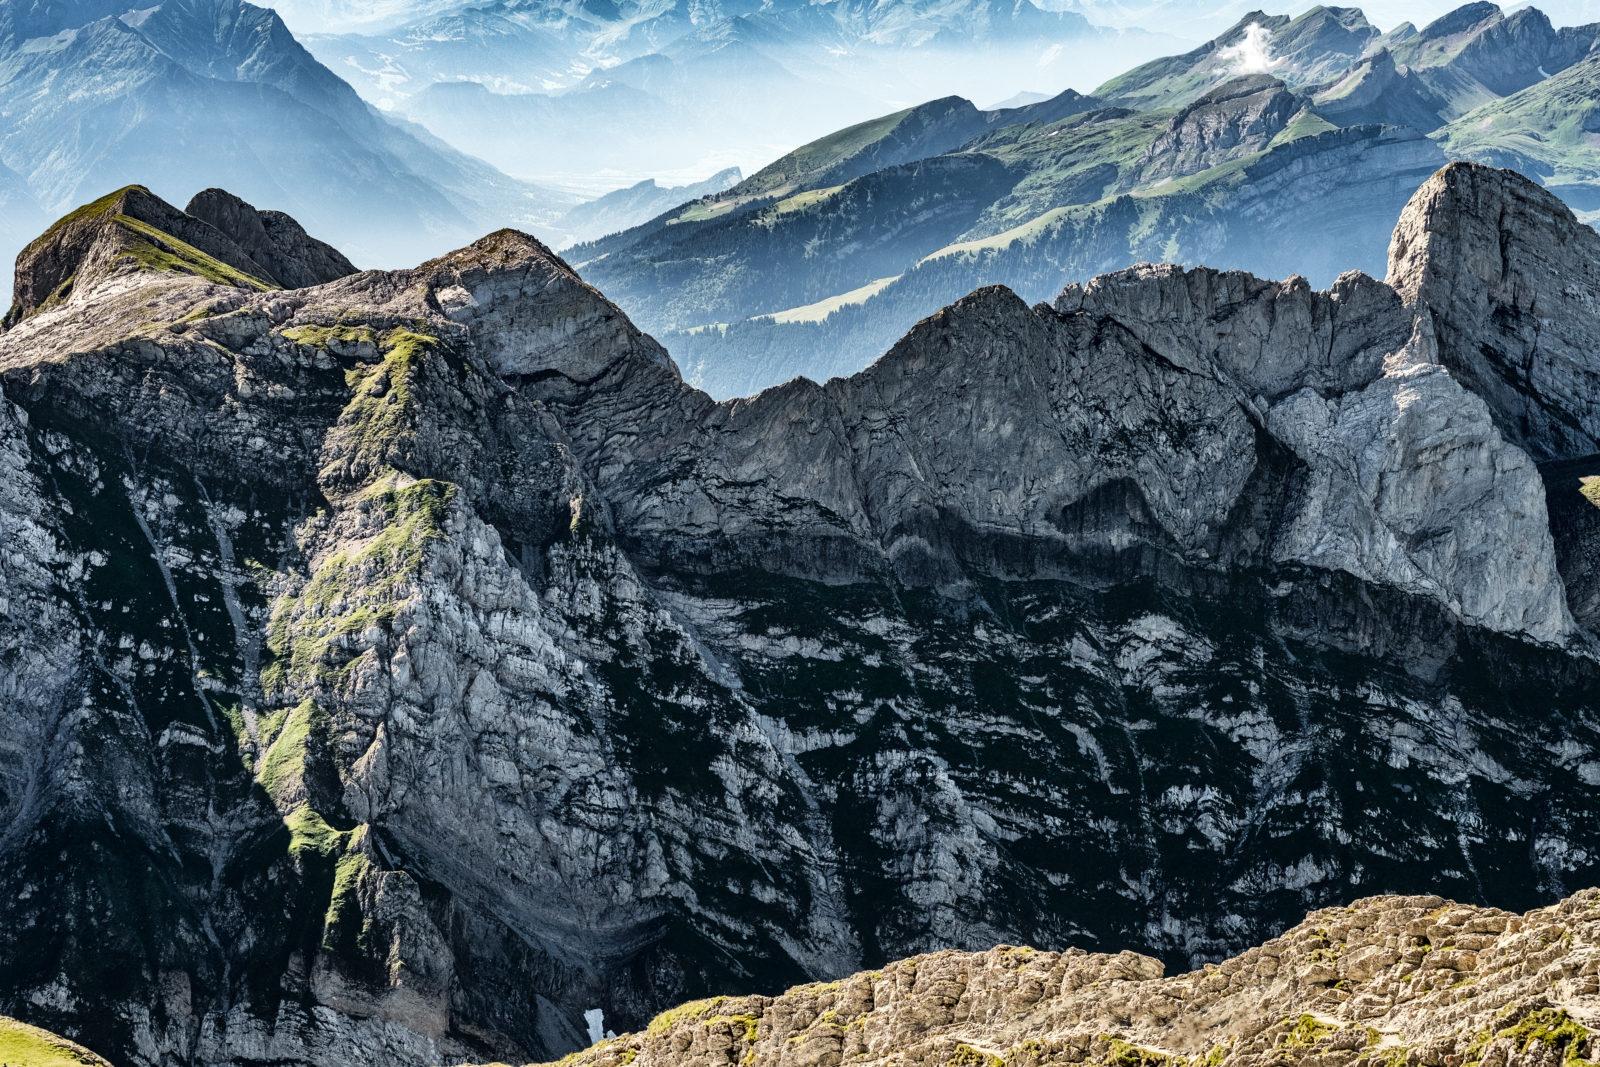 На 2300 метров вглубь Альпийских гор расположен тоннель длиною в 57 километров.